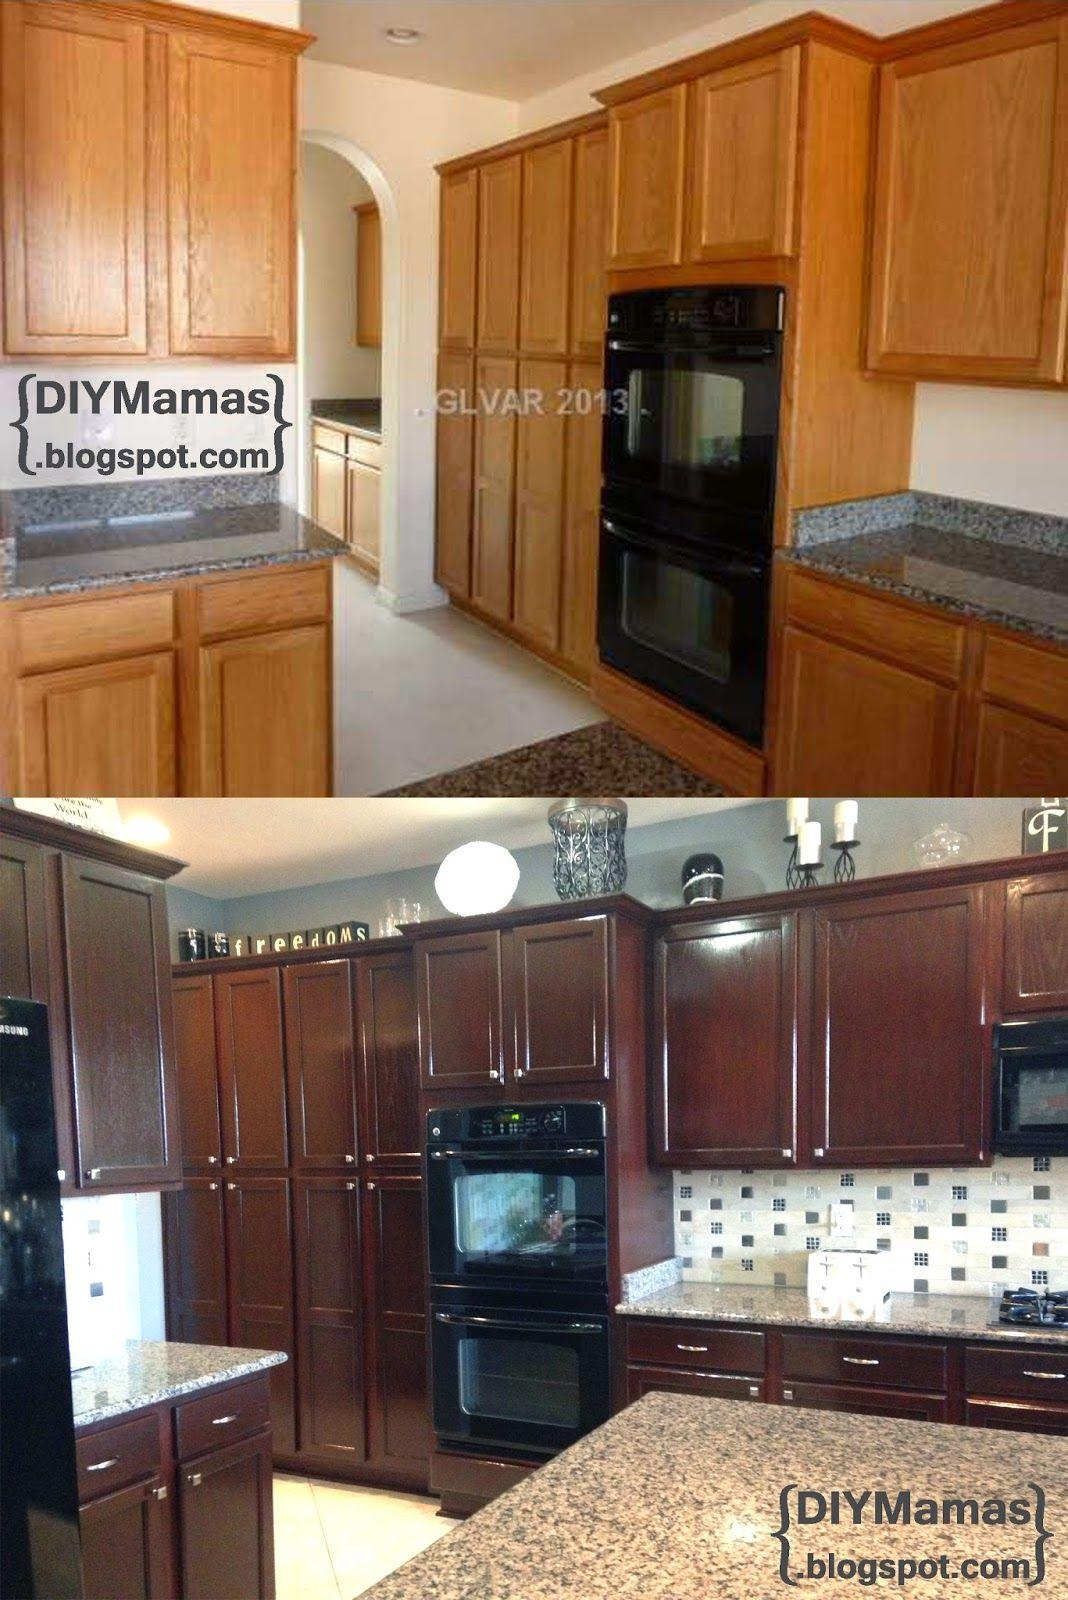 Best Kitchen Gallery: Diy Mamas Kitchen Makeover Gel Stain Backsplash Hardware of Kitchen Cabinets Stain on rachelxblog.com